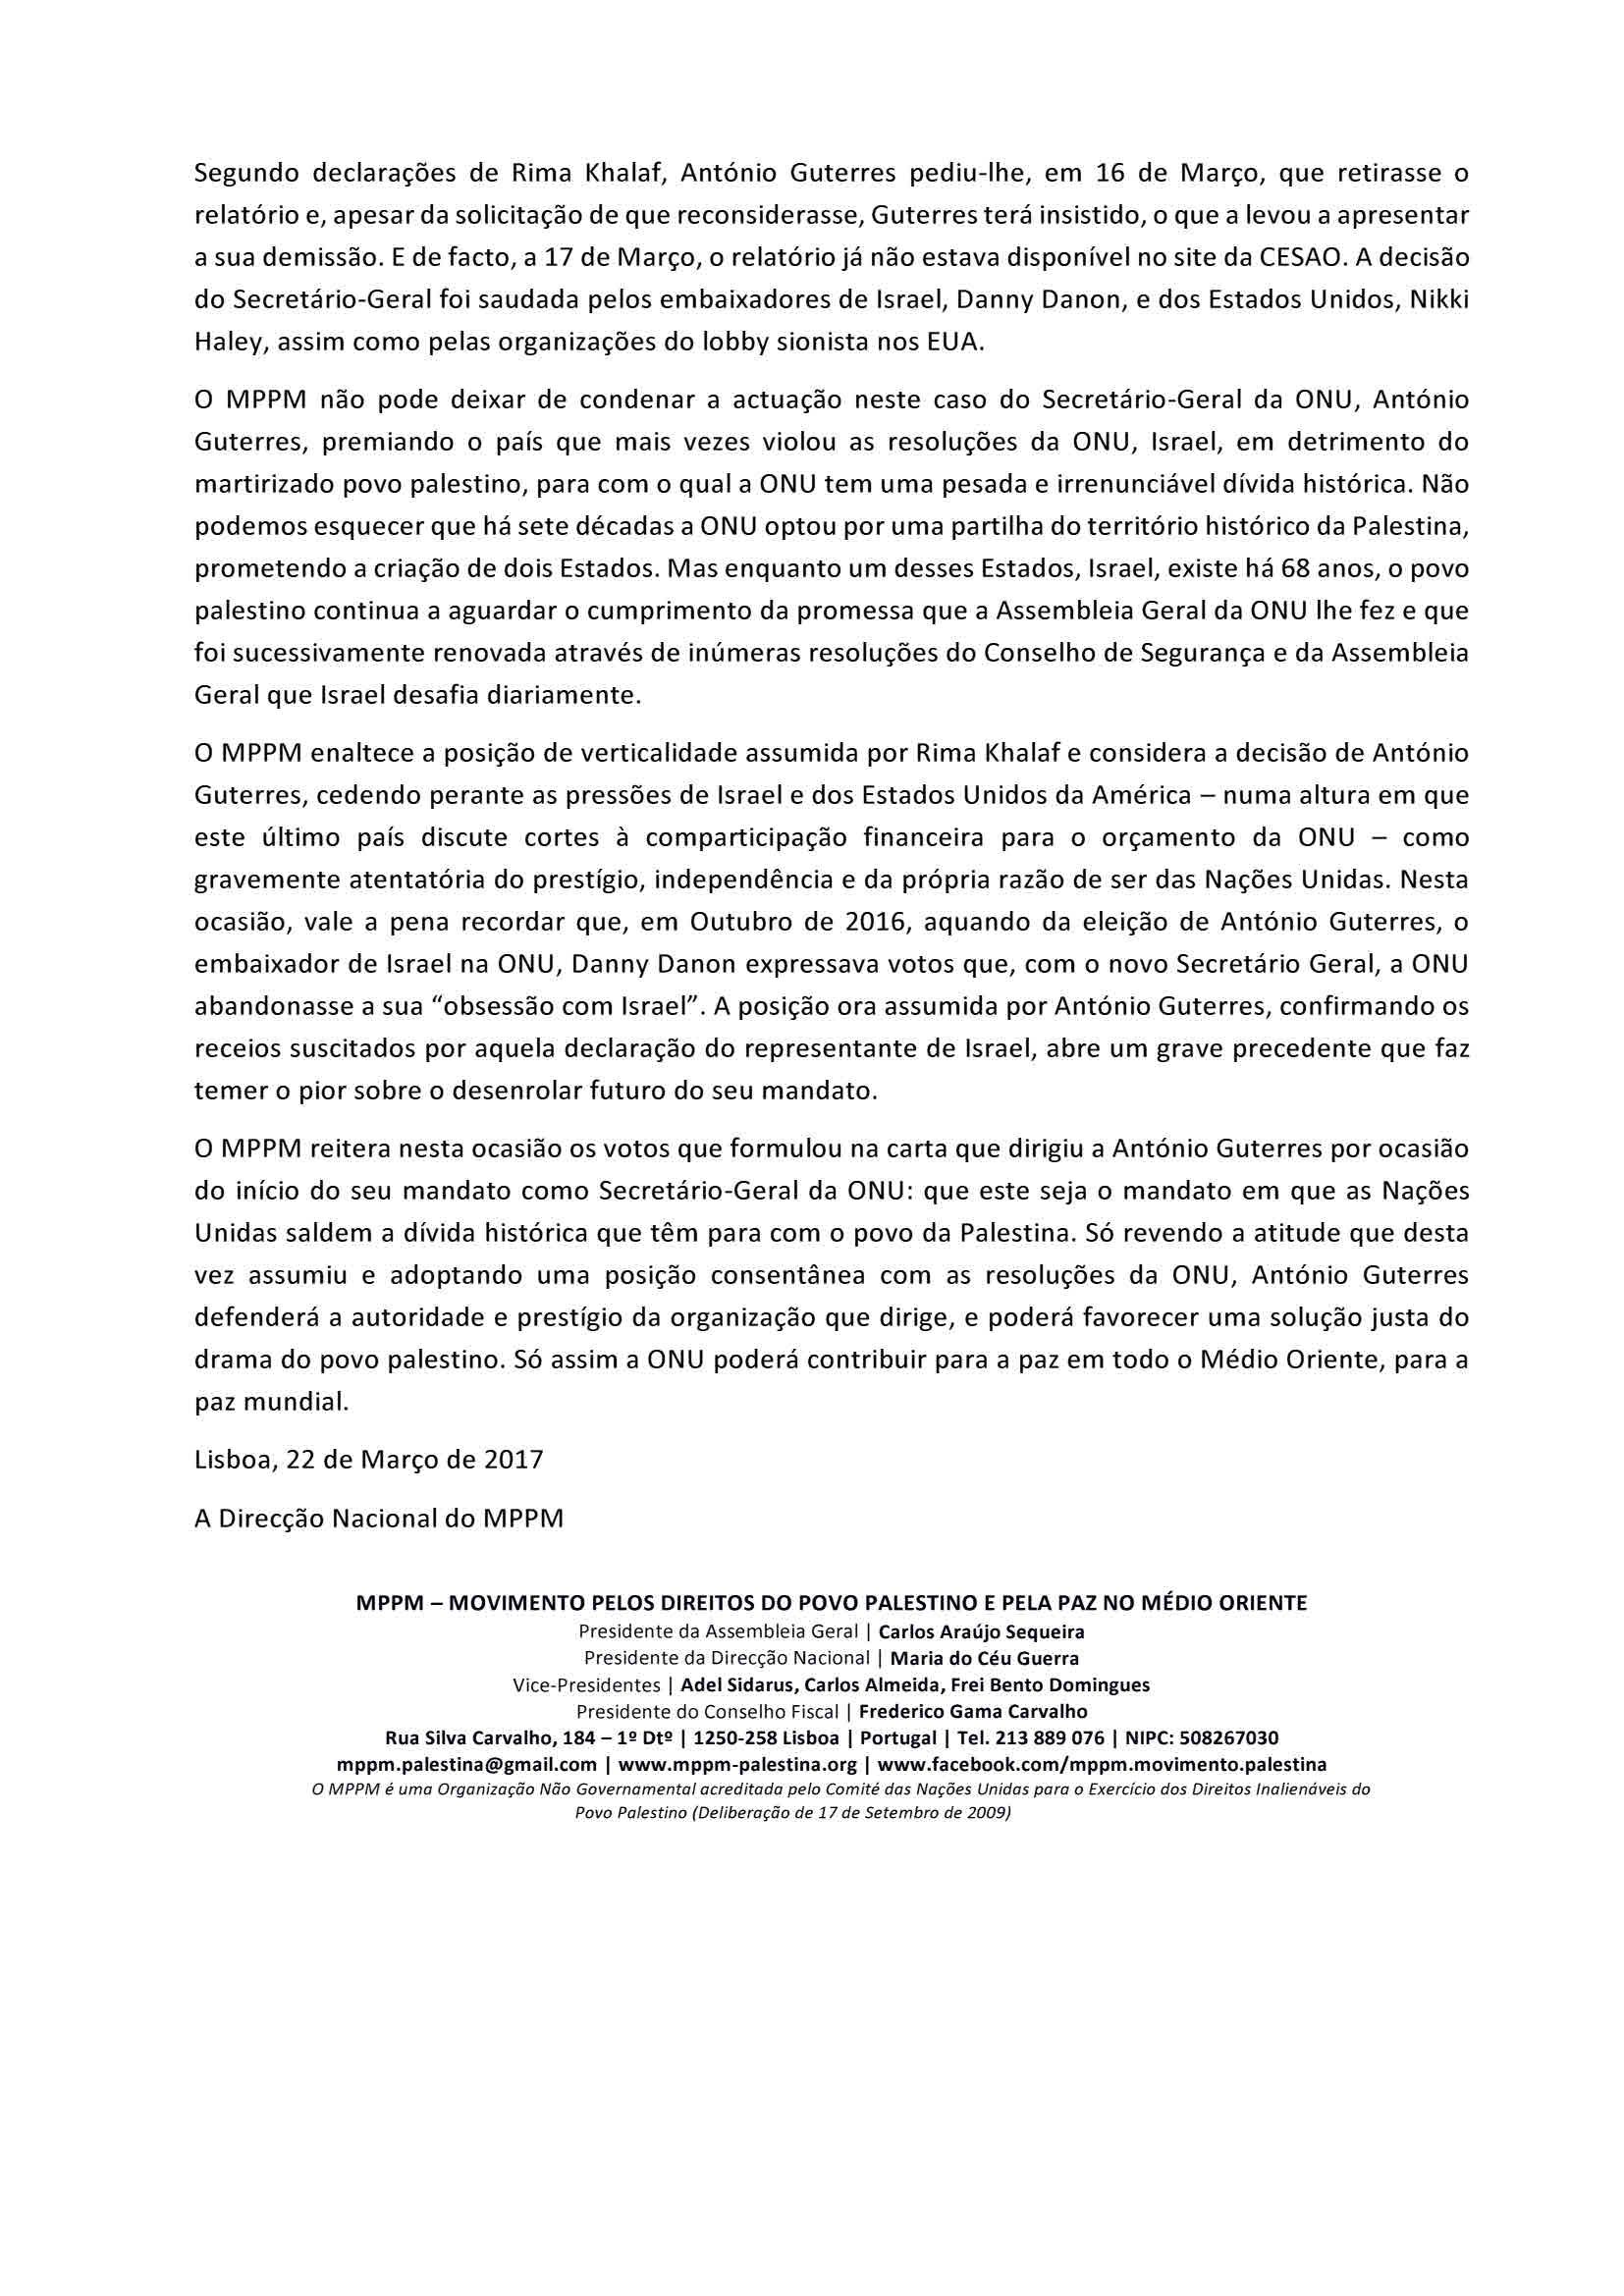 Comunicado 04-2017 – MPPM condena actuação do SG da ONU no caso do relatório denunciando poítica da apartheid de Israel (2)